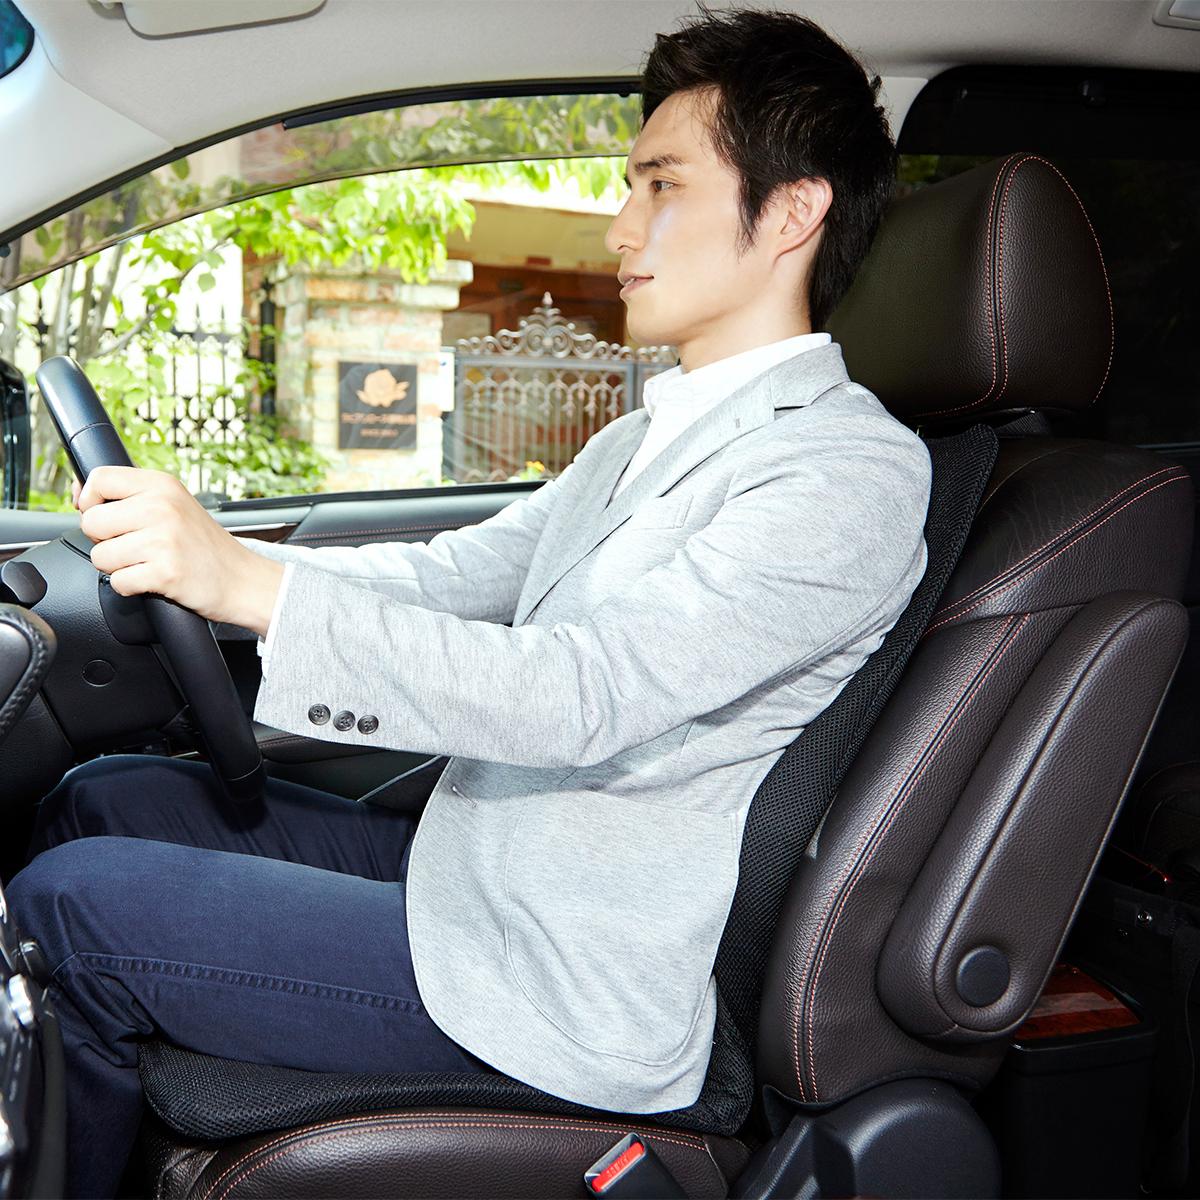 サービスエリアいらずの「運転席」 | 置くだけで、運転中ずっと、腰・背中・お尻がラク